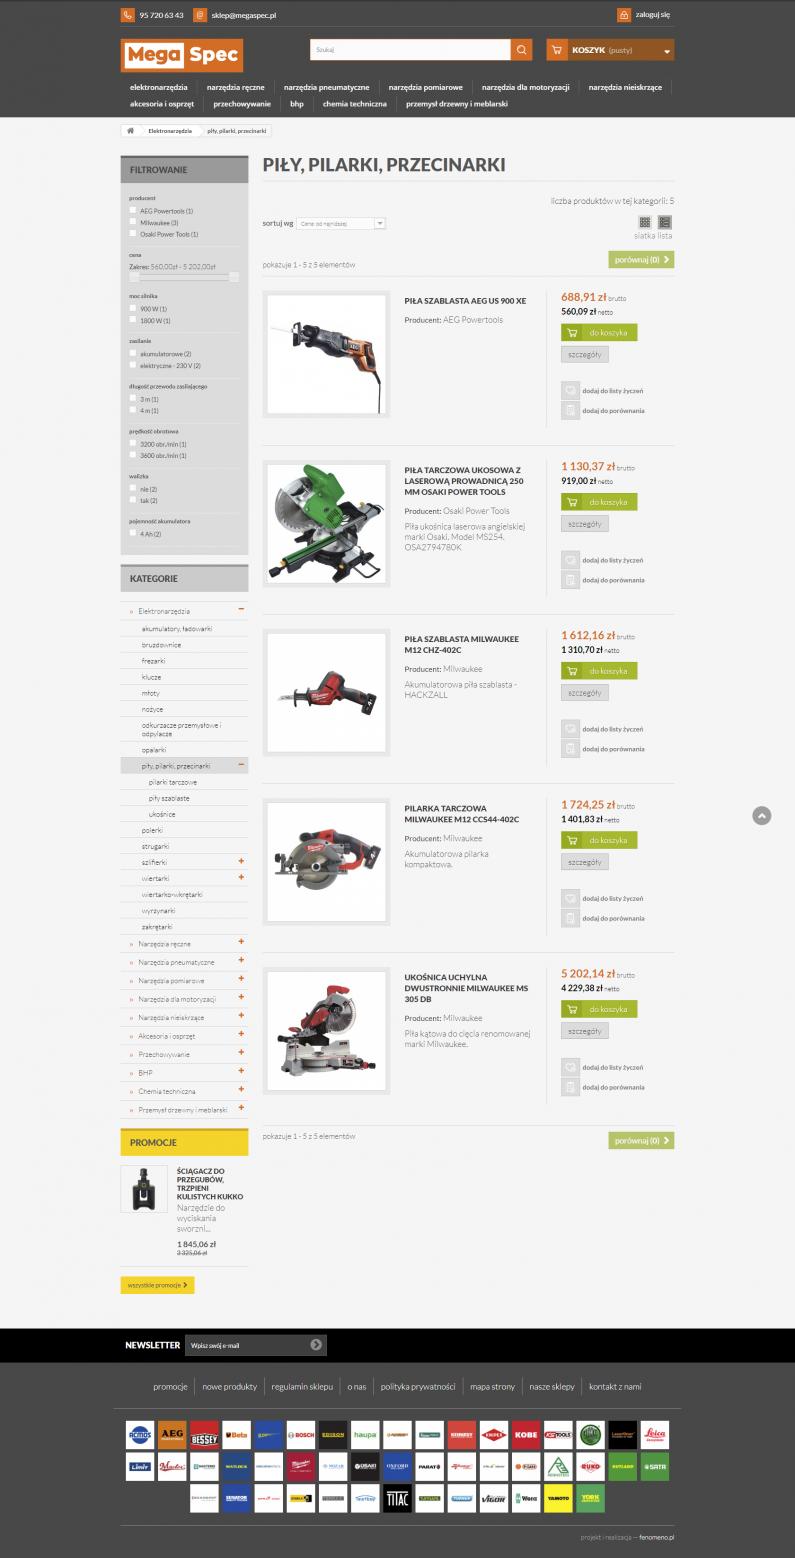 Sklep internetowy megaspec.pl - lista produktów